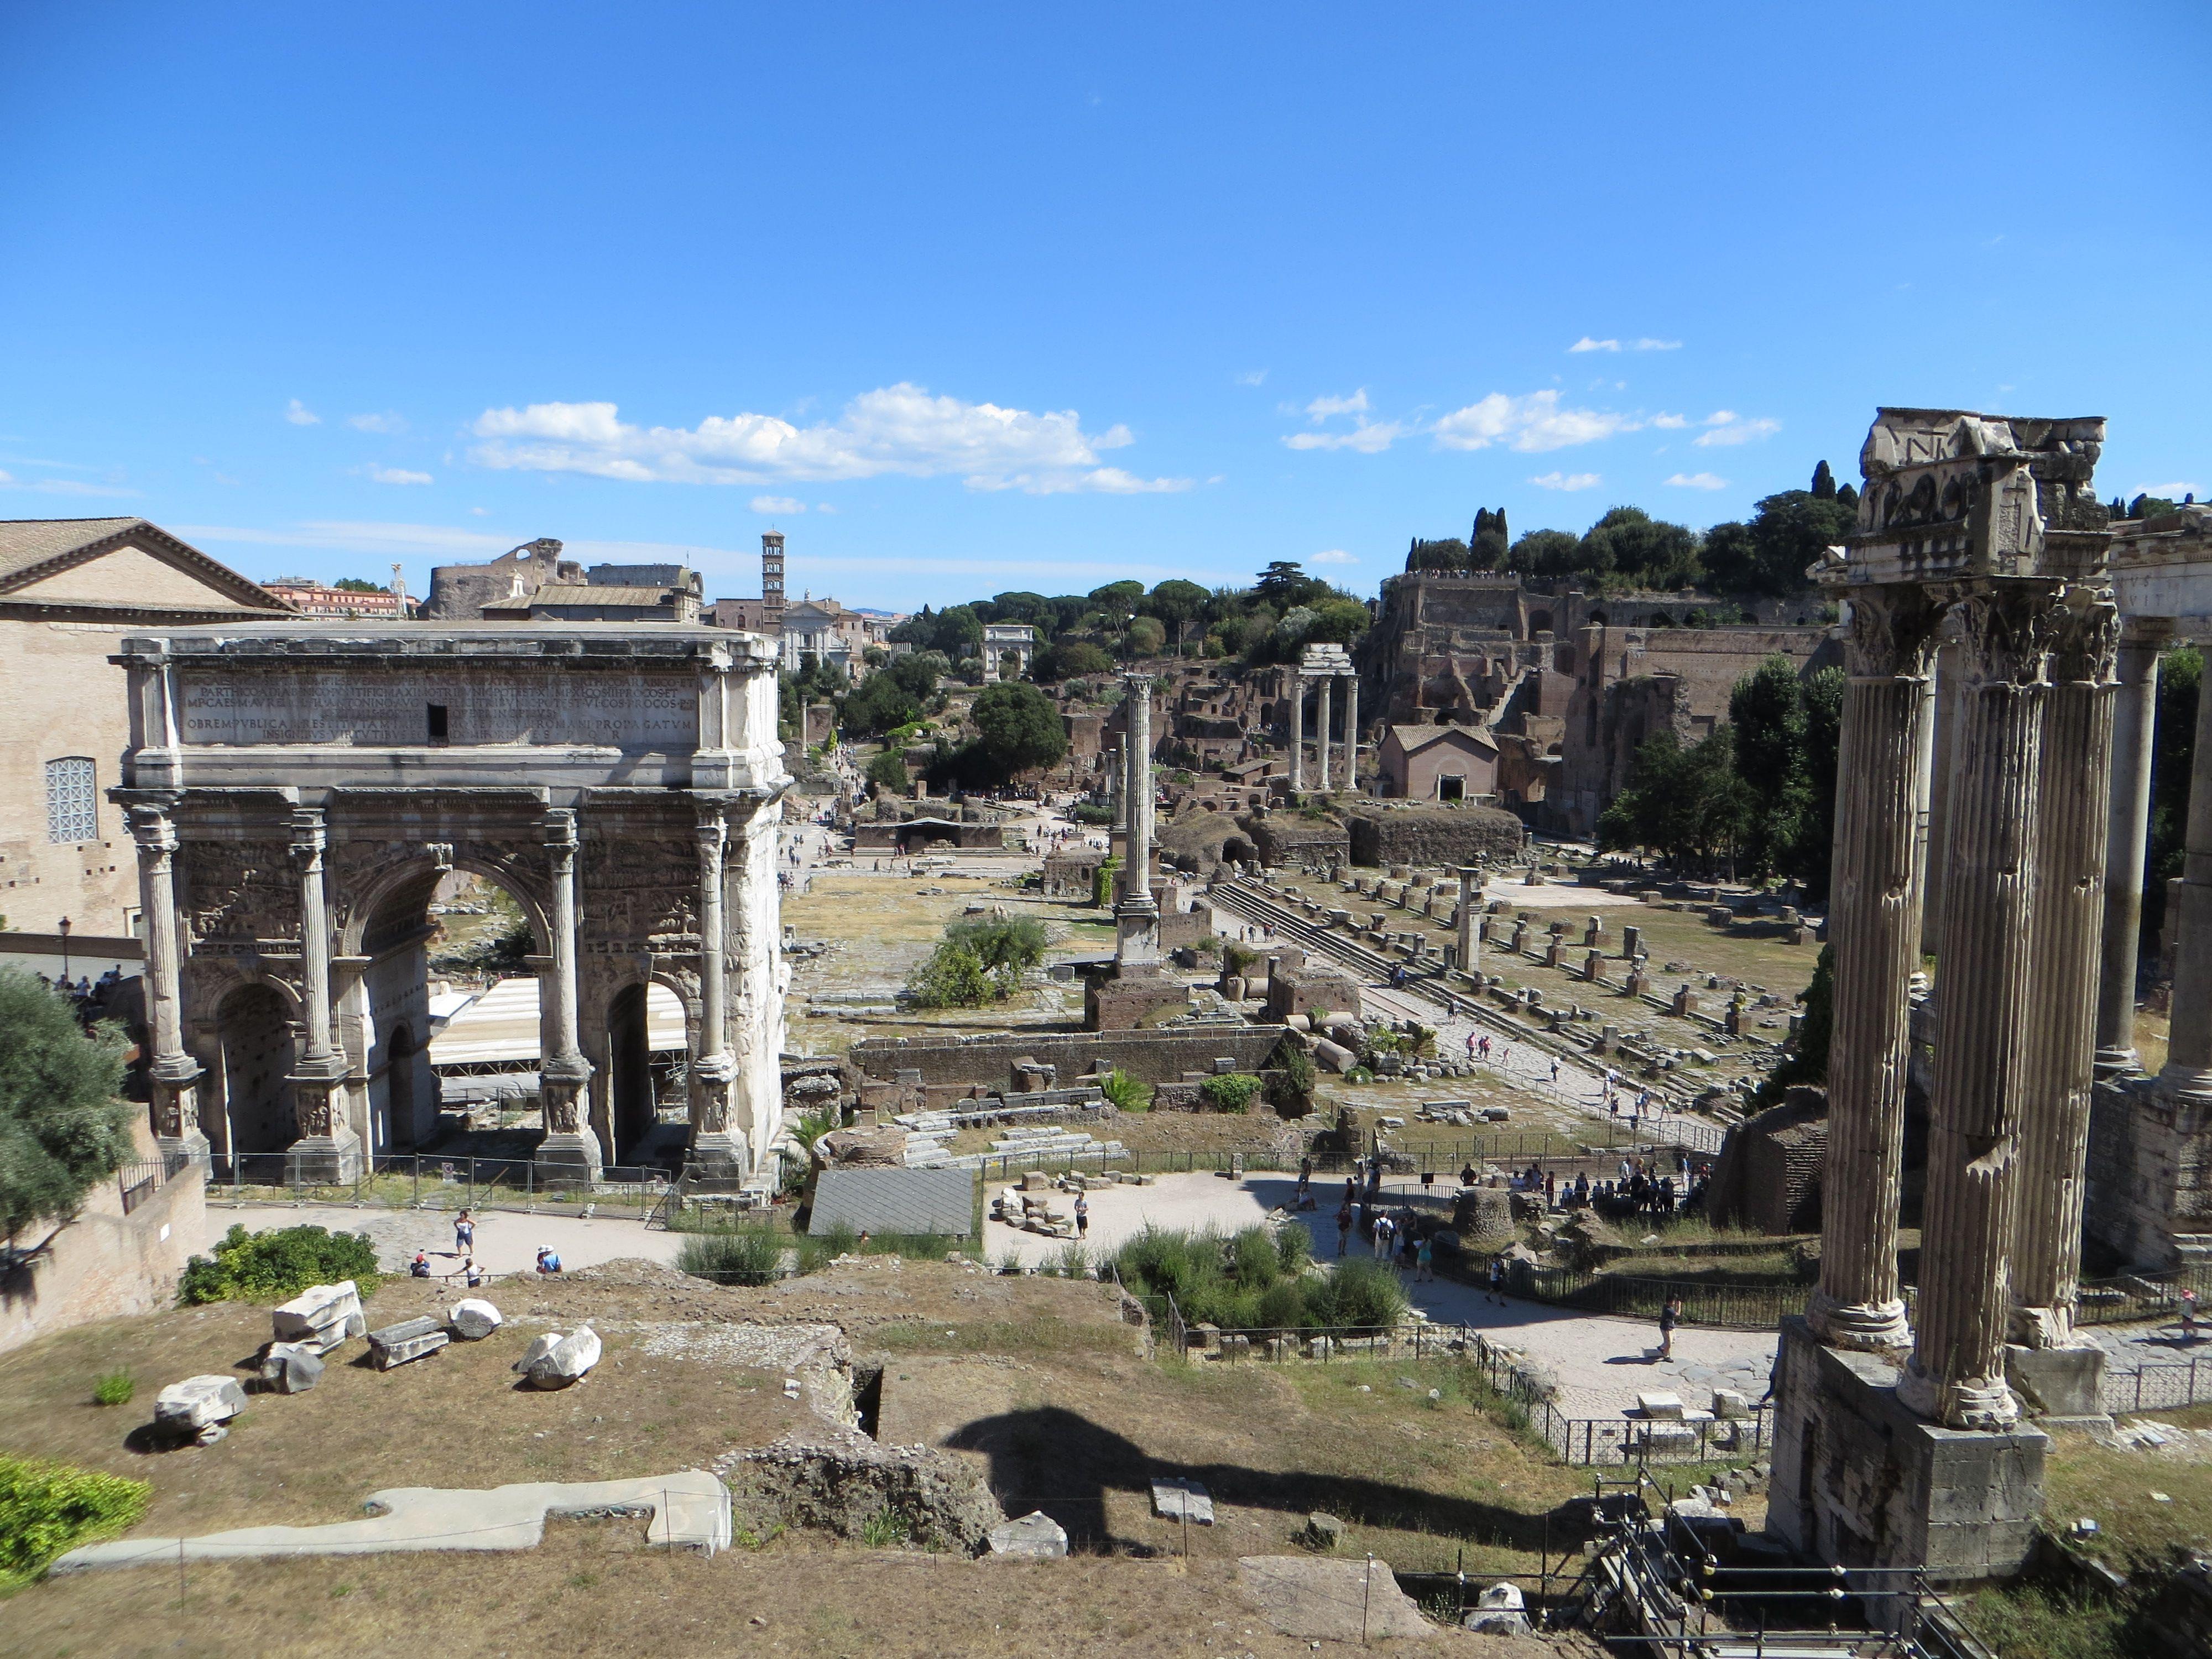 Voici le récit de notre premier jour dans la capitale italienne où nous avons visité tous les principaux lieux de la Rome Antique : Forum, Colisée, etc...